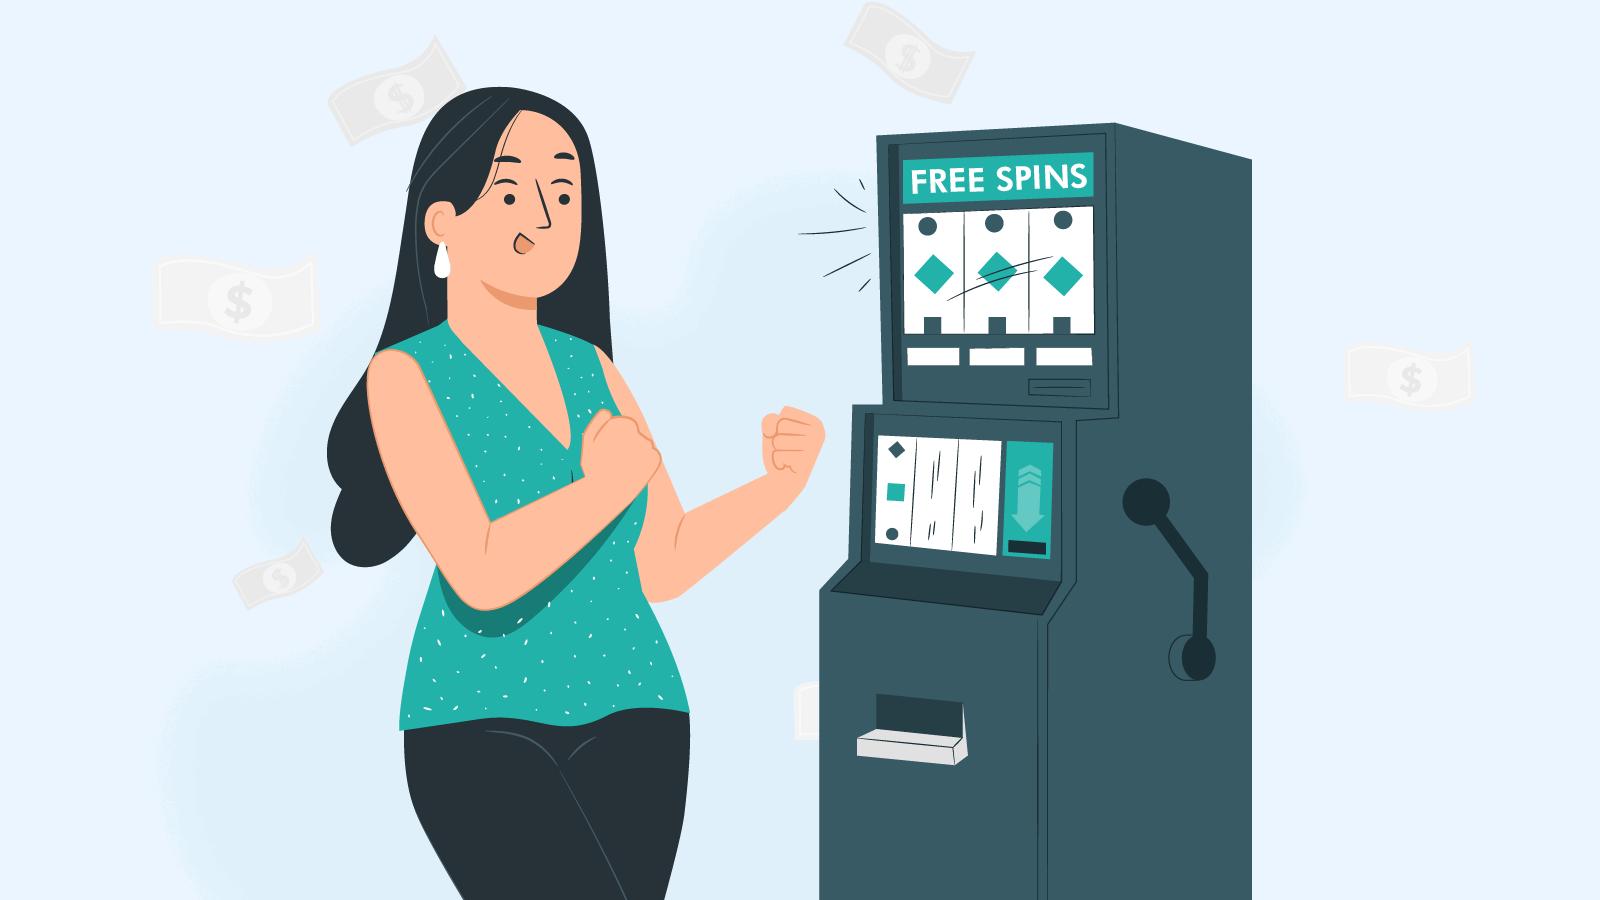 NZ Free Spins No Deposit 2021